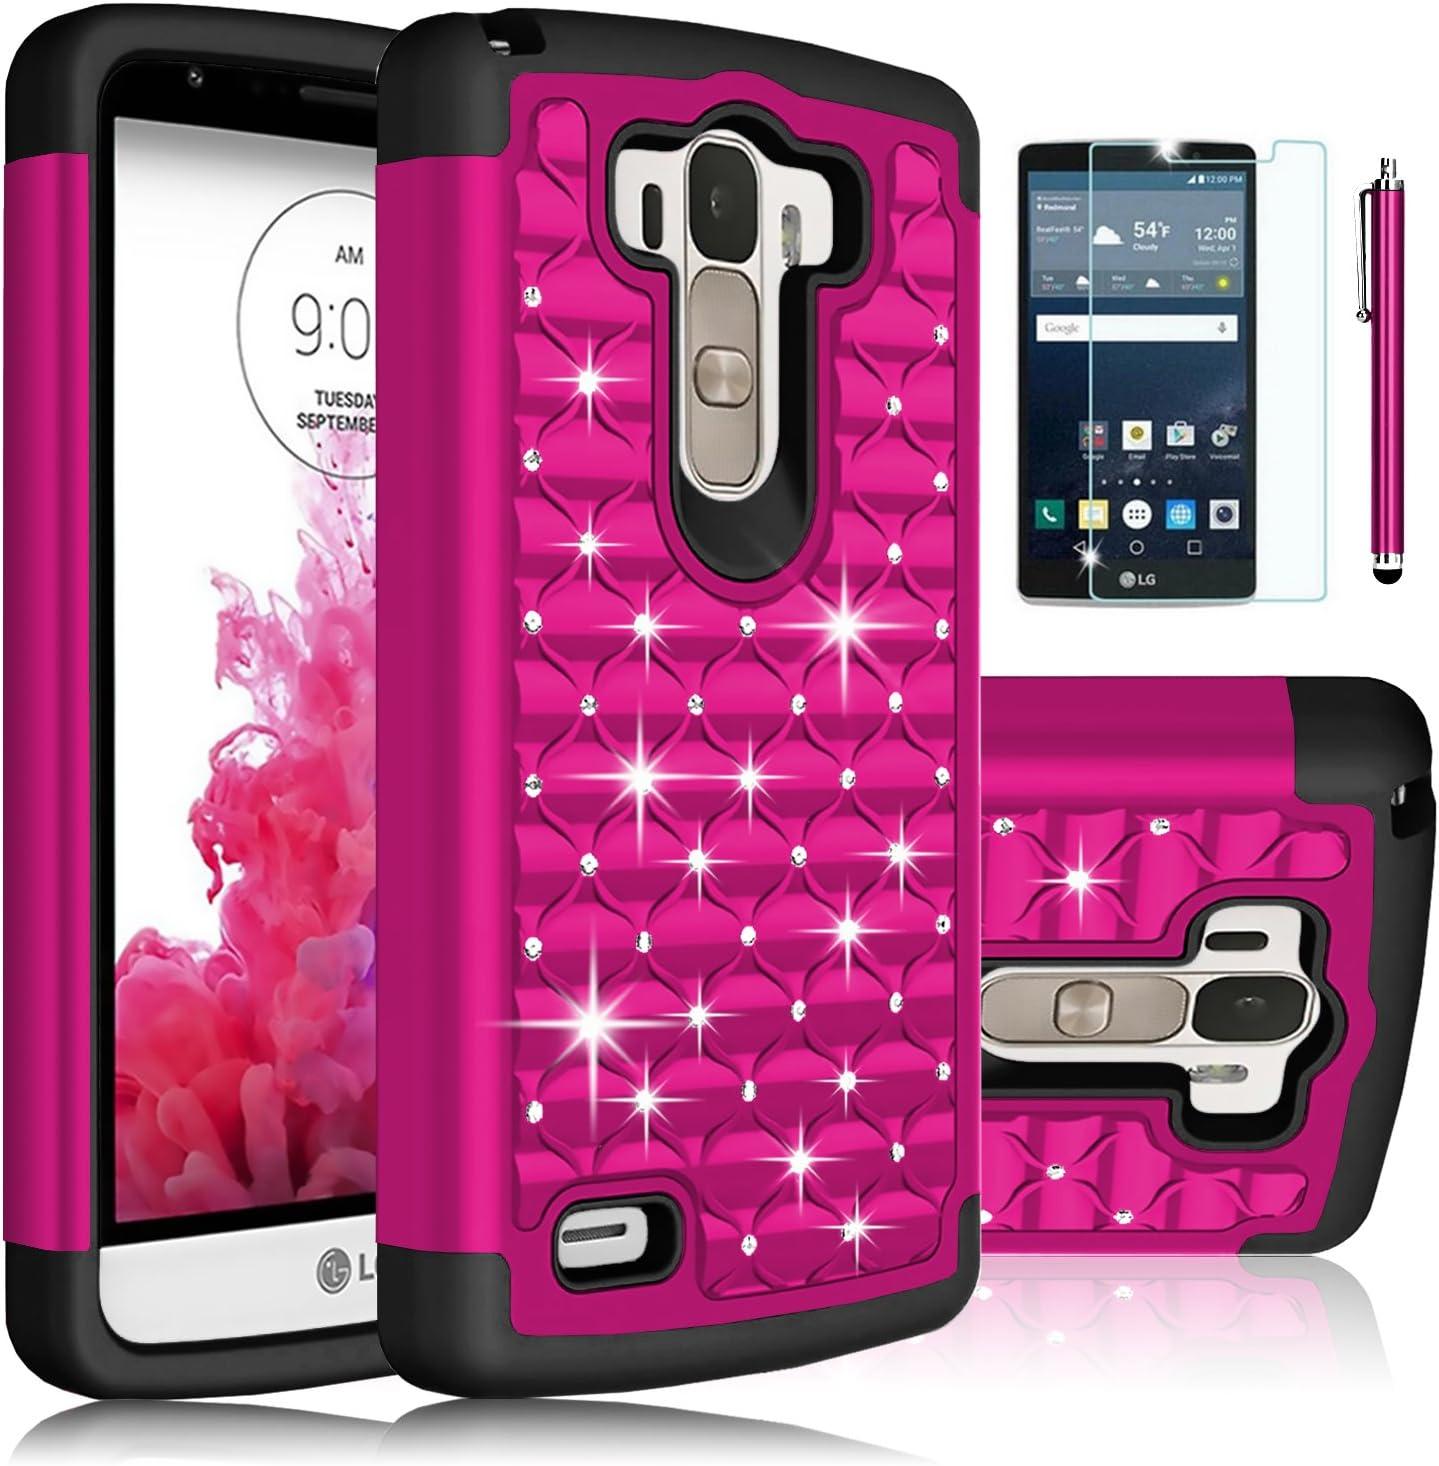 LG G Stylo Case,EC™ Hybrid Studded Rhinestone Crystal Bling Armor Case Cover for LG G4 Stylus /LG LS770 / LG G Stylo (T-Mobile/Boost Mobile/Sprint) (Hot Pink)